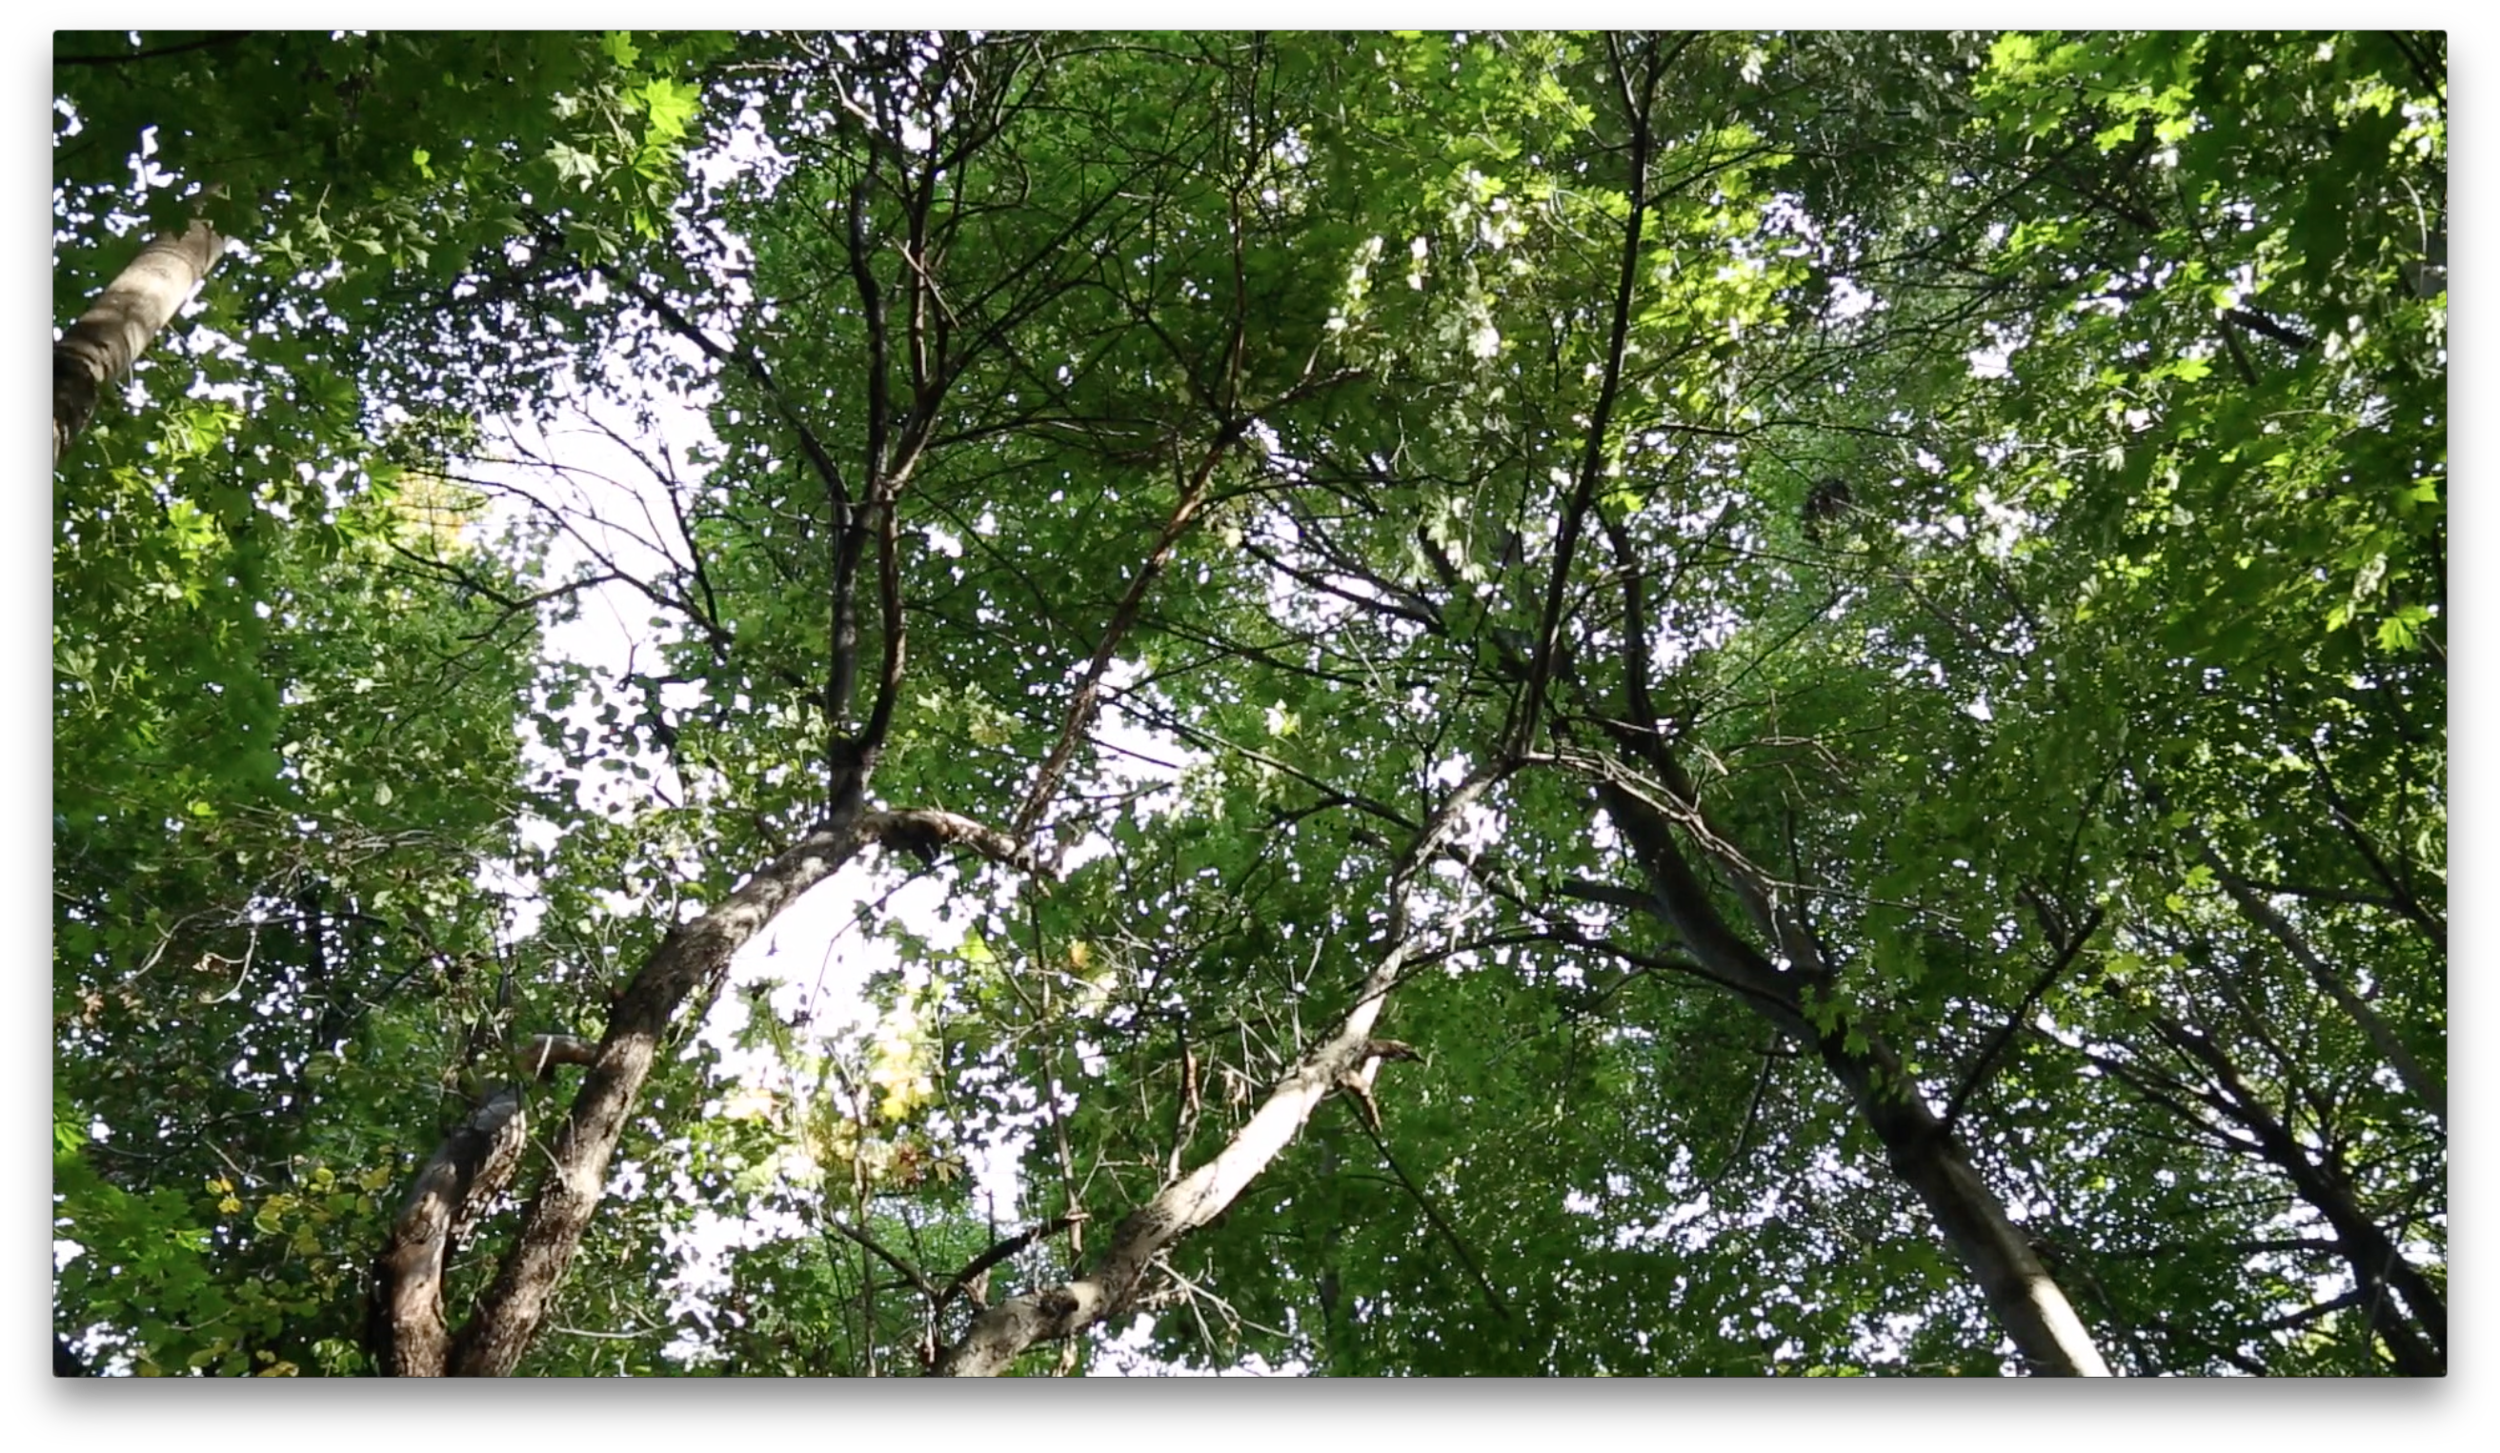 Screen Shot 2015-12-20 at 7.57.23 PM.png